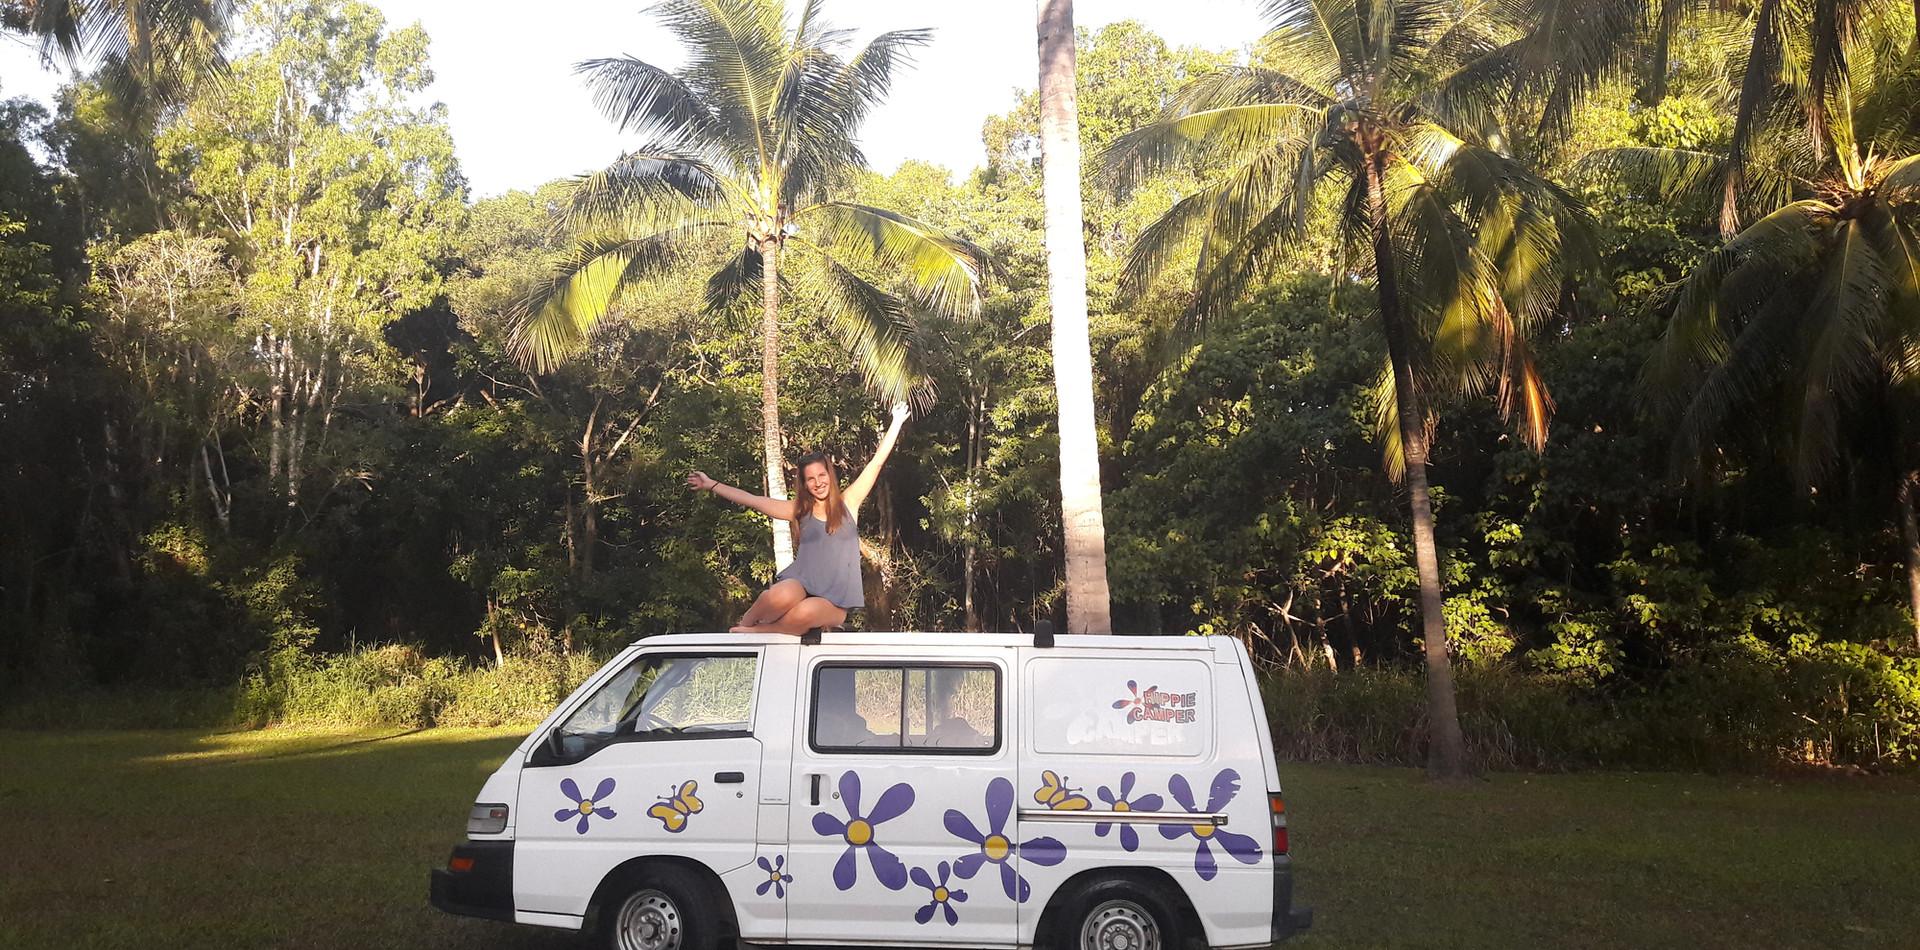 Australian roadtrip with camper van